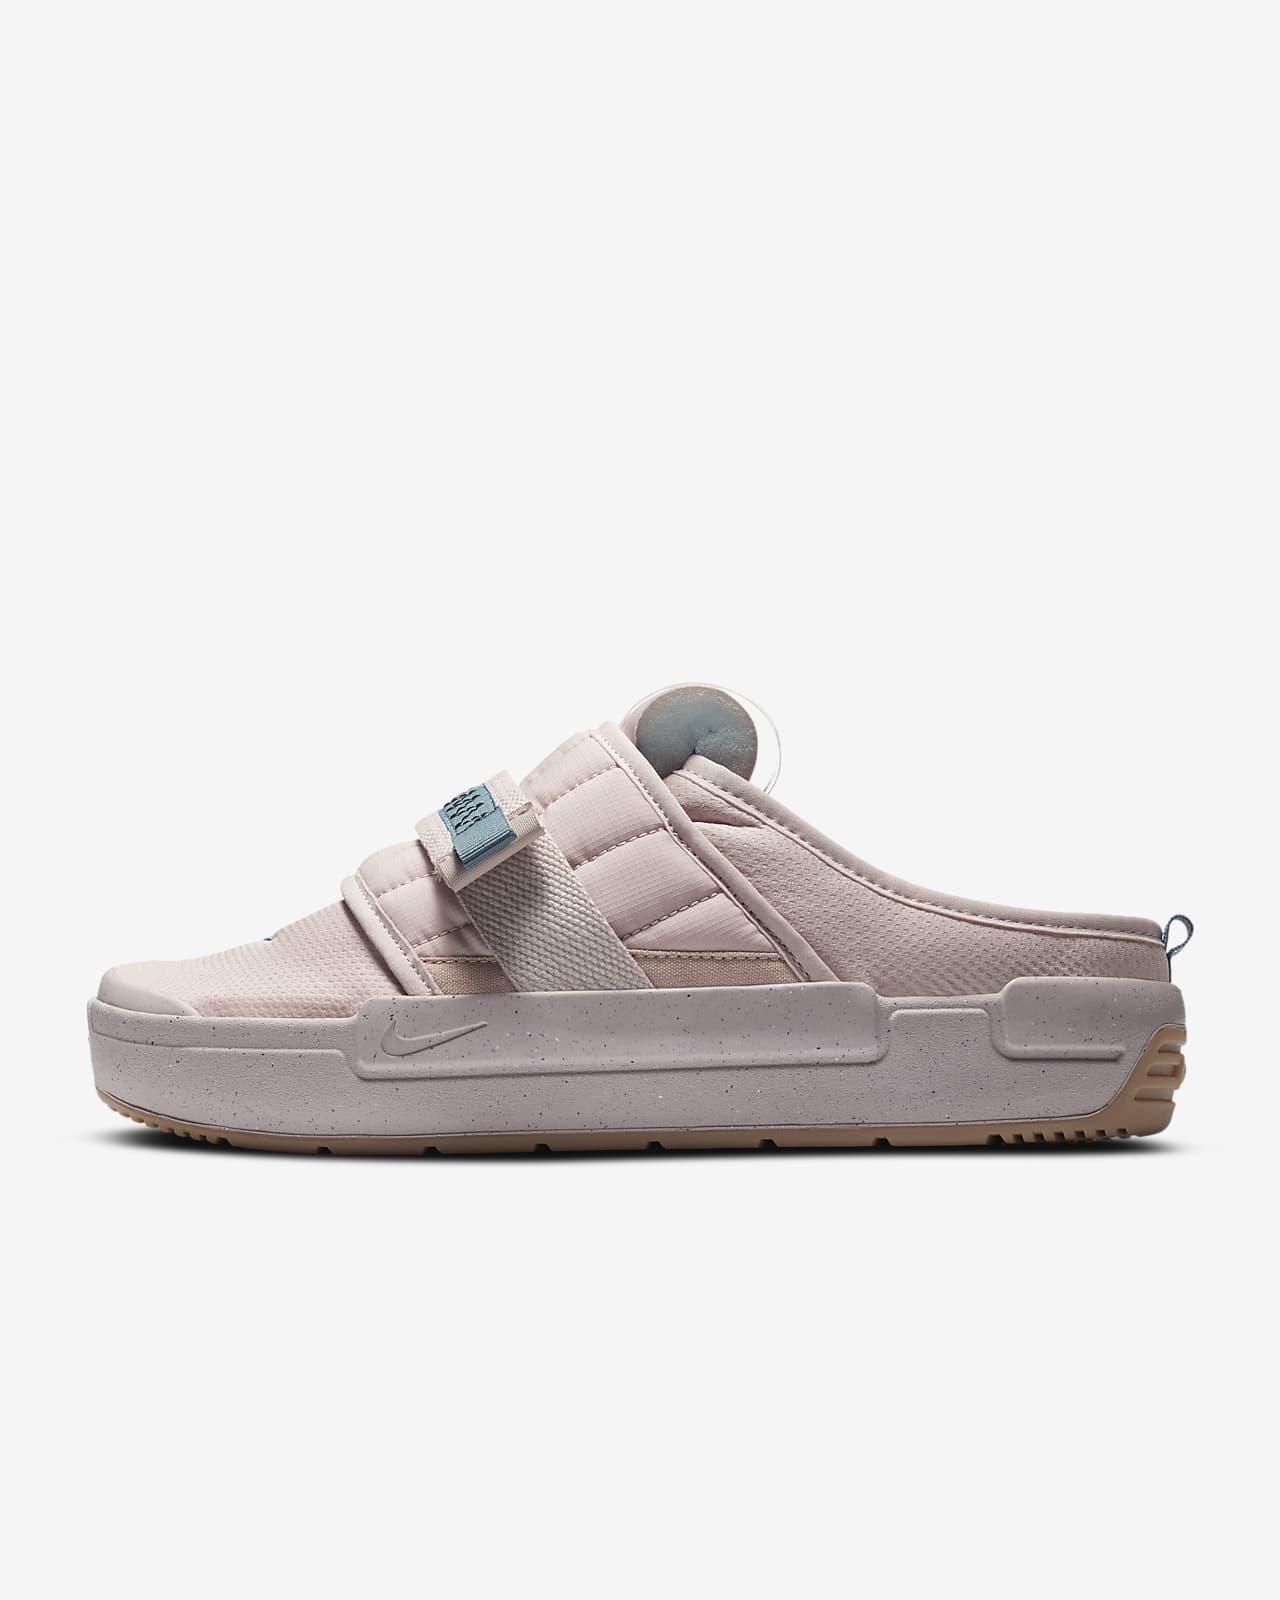 Nike Offline Herren-Pantolette